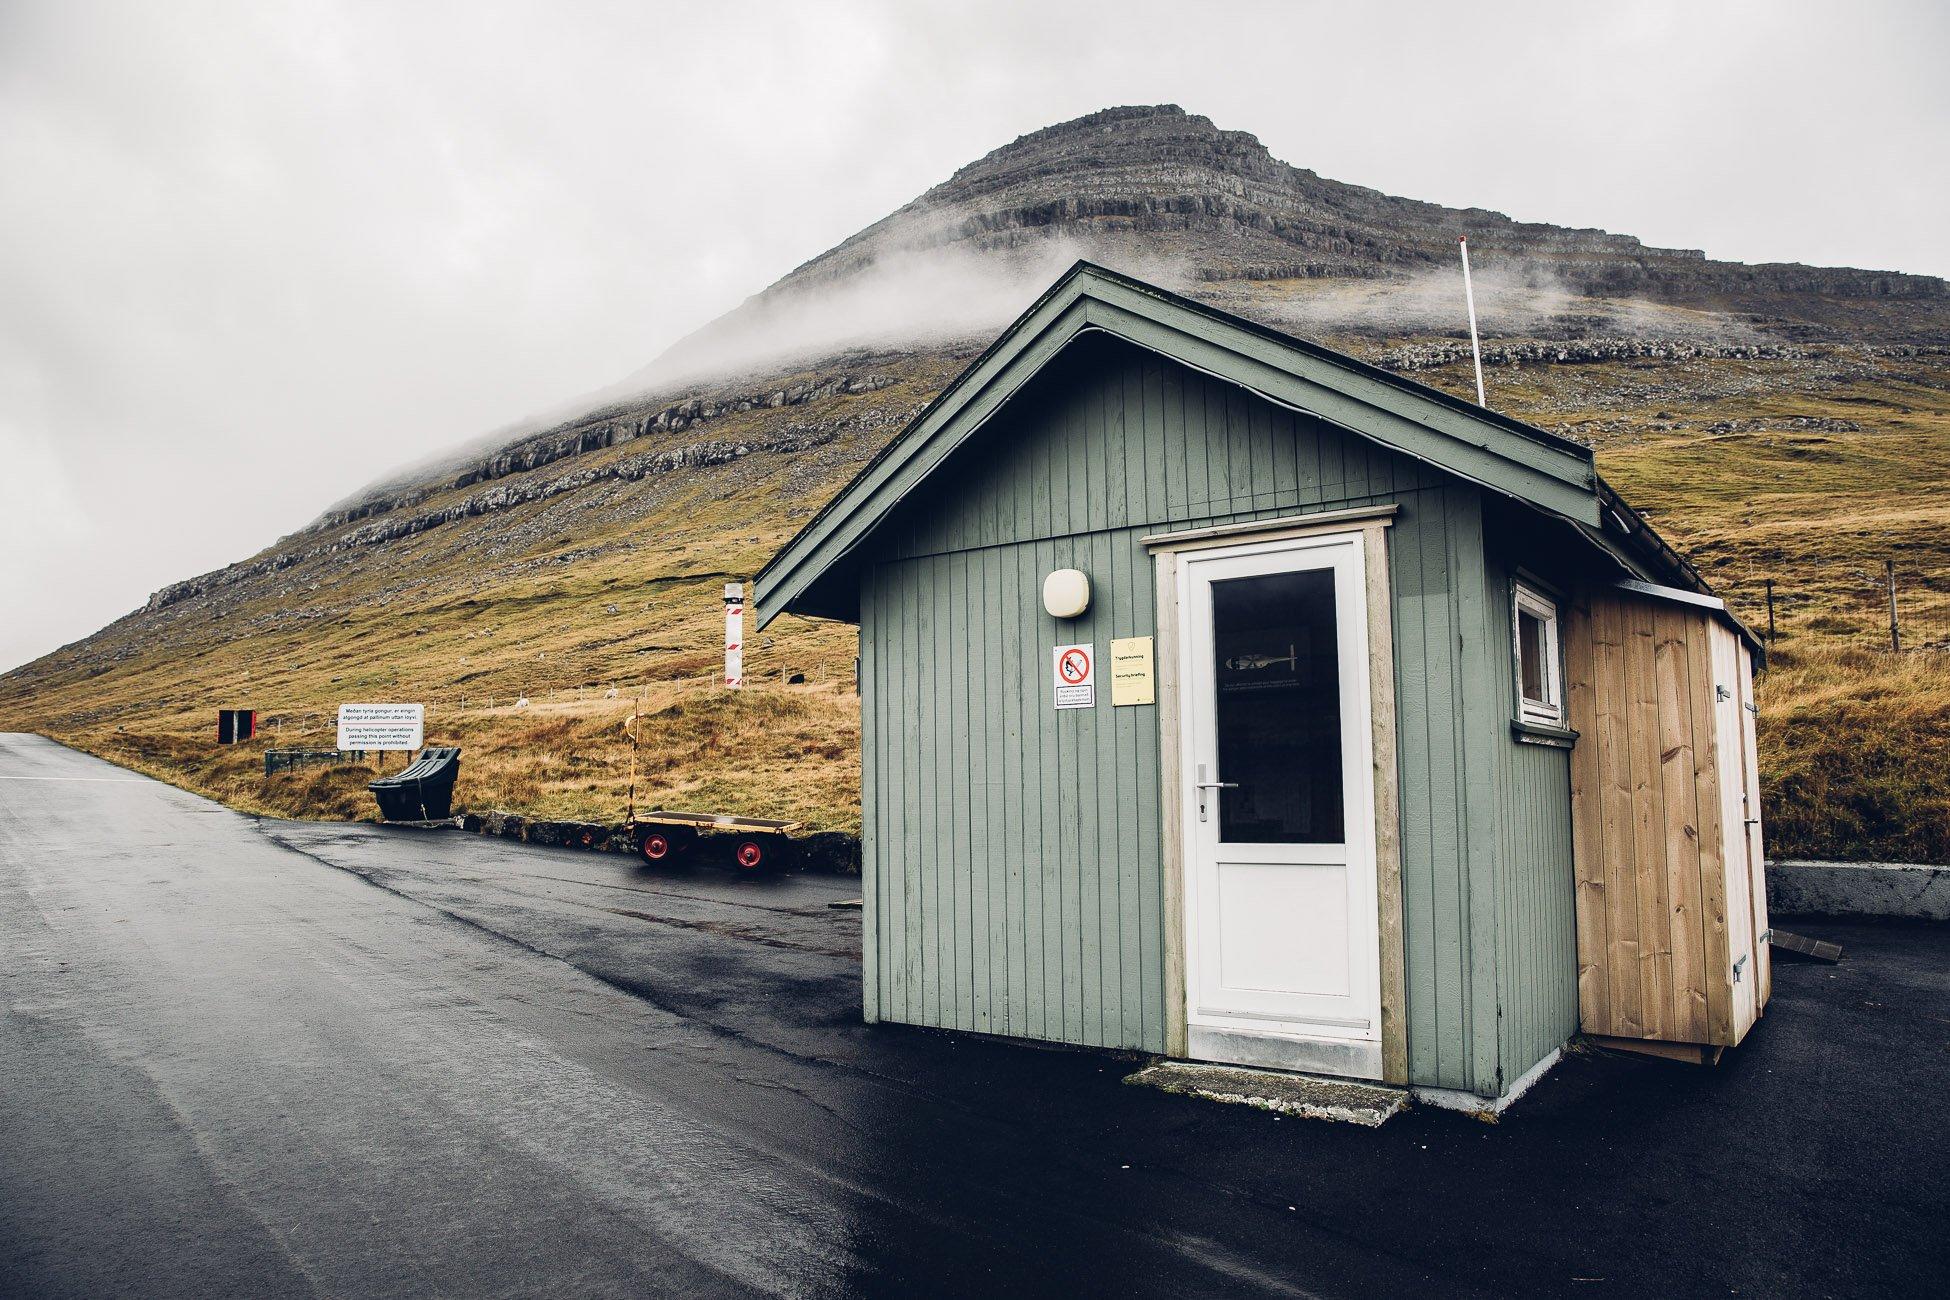 Heliport in Klaksvík on the Faroe Islands